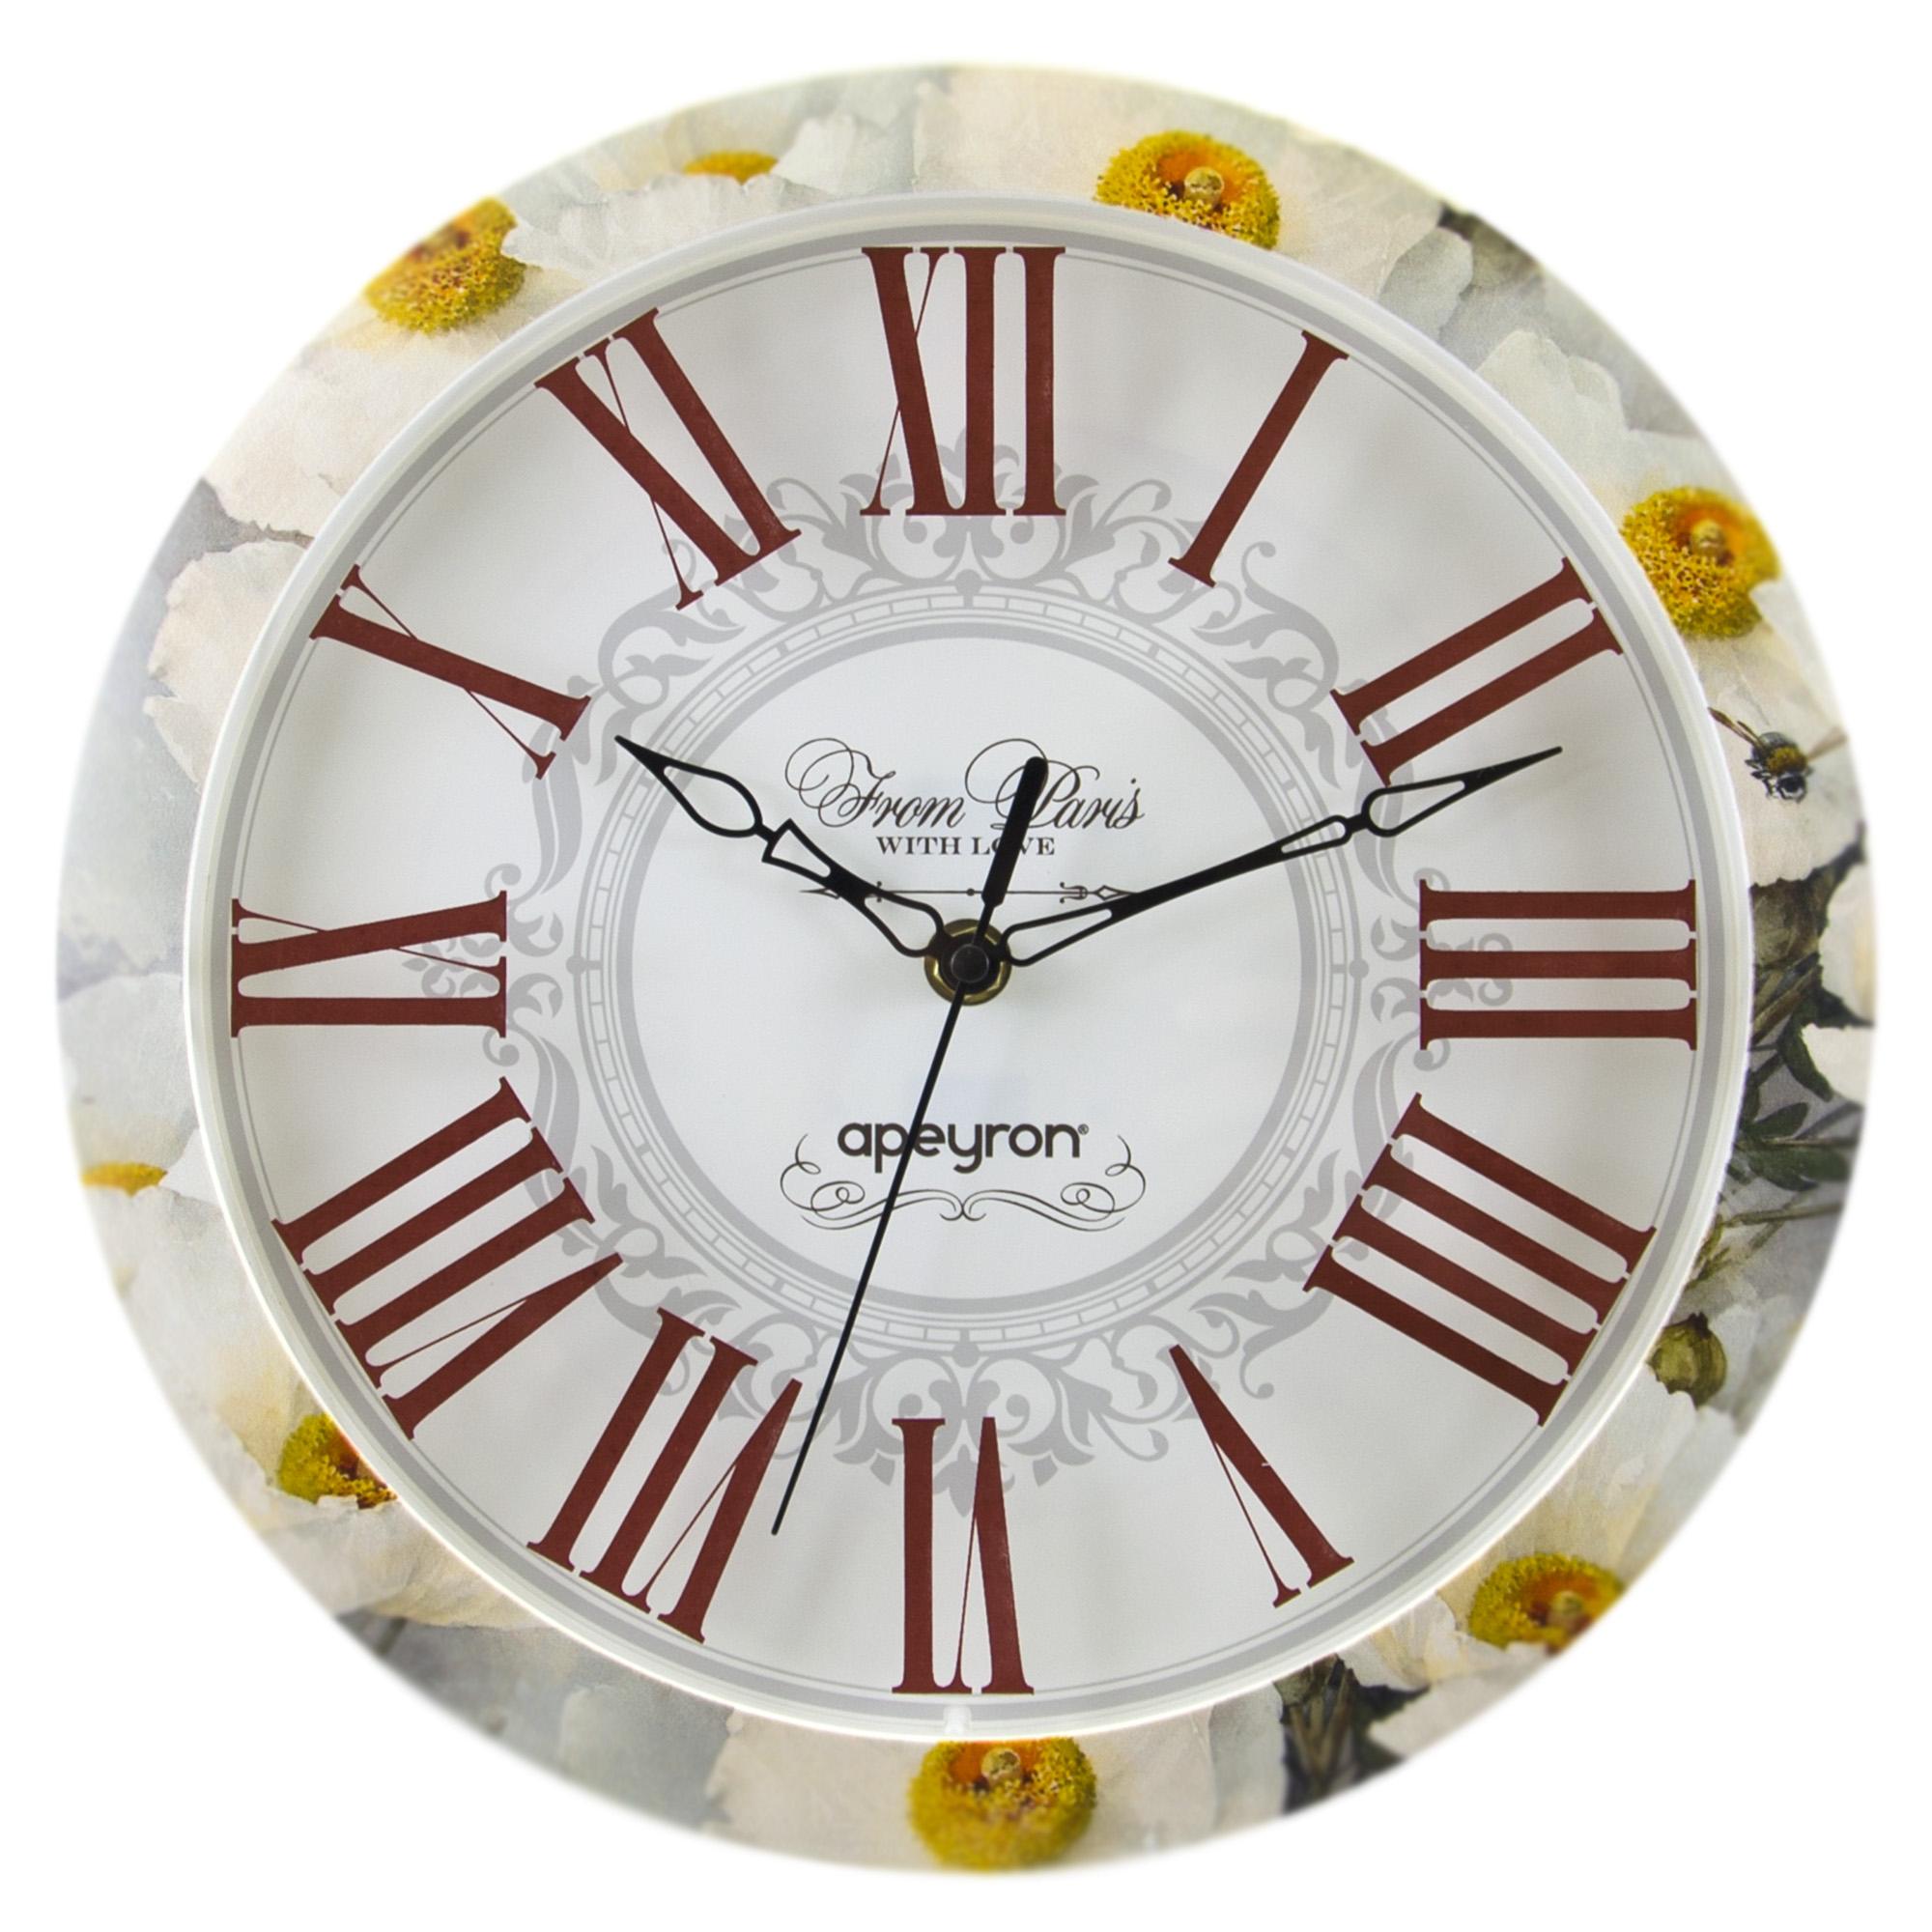 Смарт часы - купить смарт-часы в Сургуте: цены smart часов